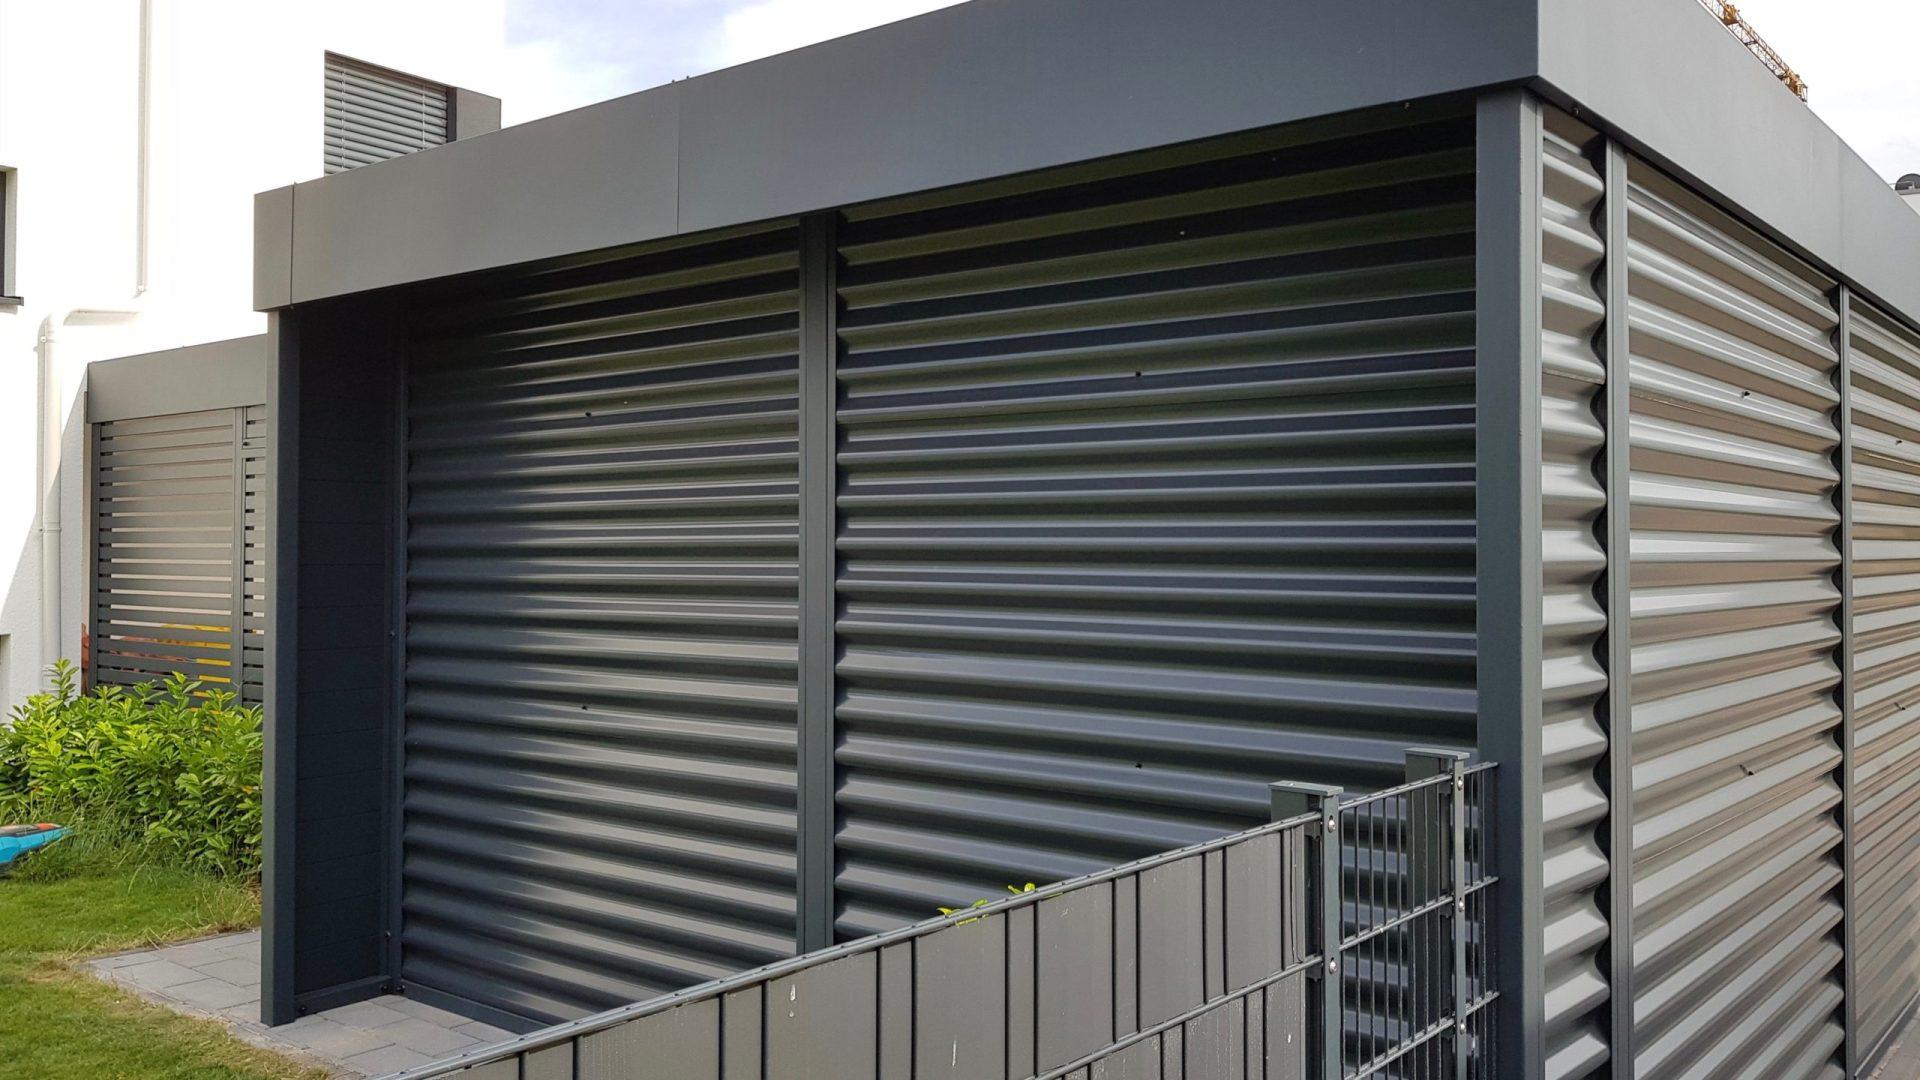 Carport mit Eingangsüberdachung - Carportmaster Projekt 19-P-2332 - 55294 Bodenheim - Carportbild 07